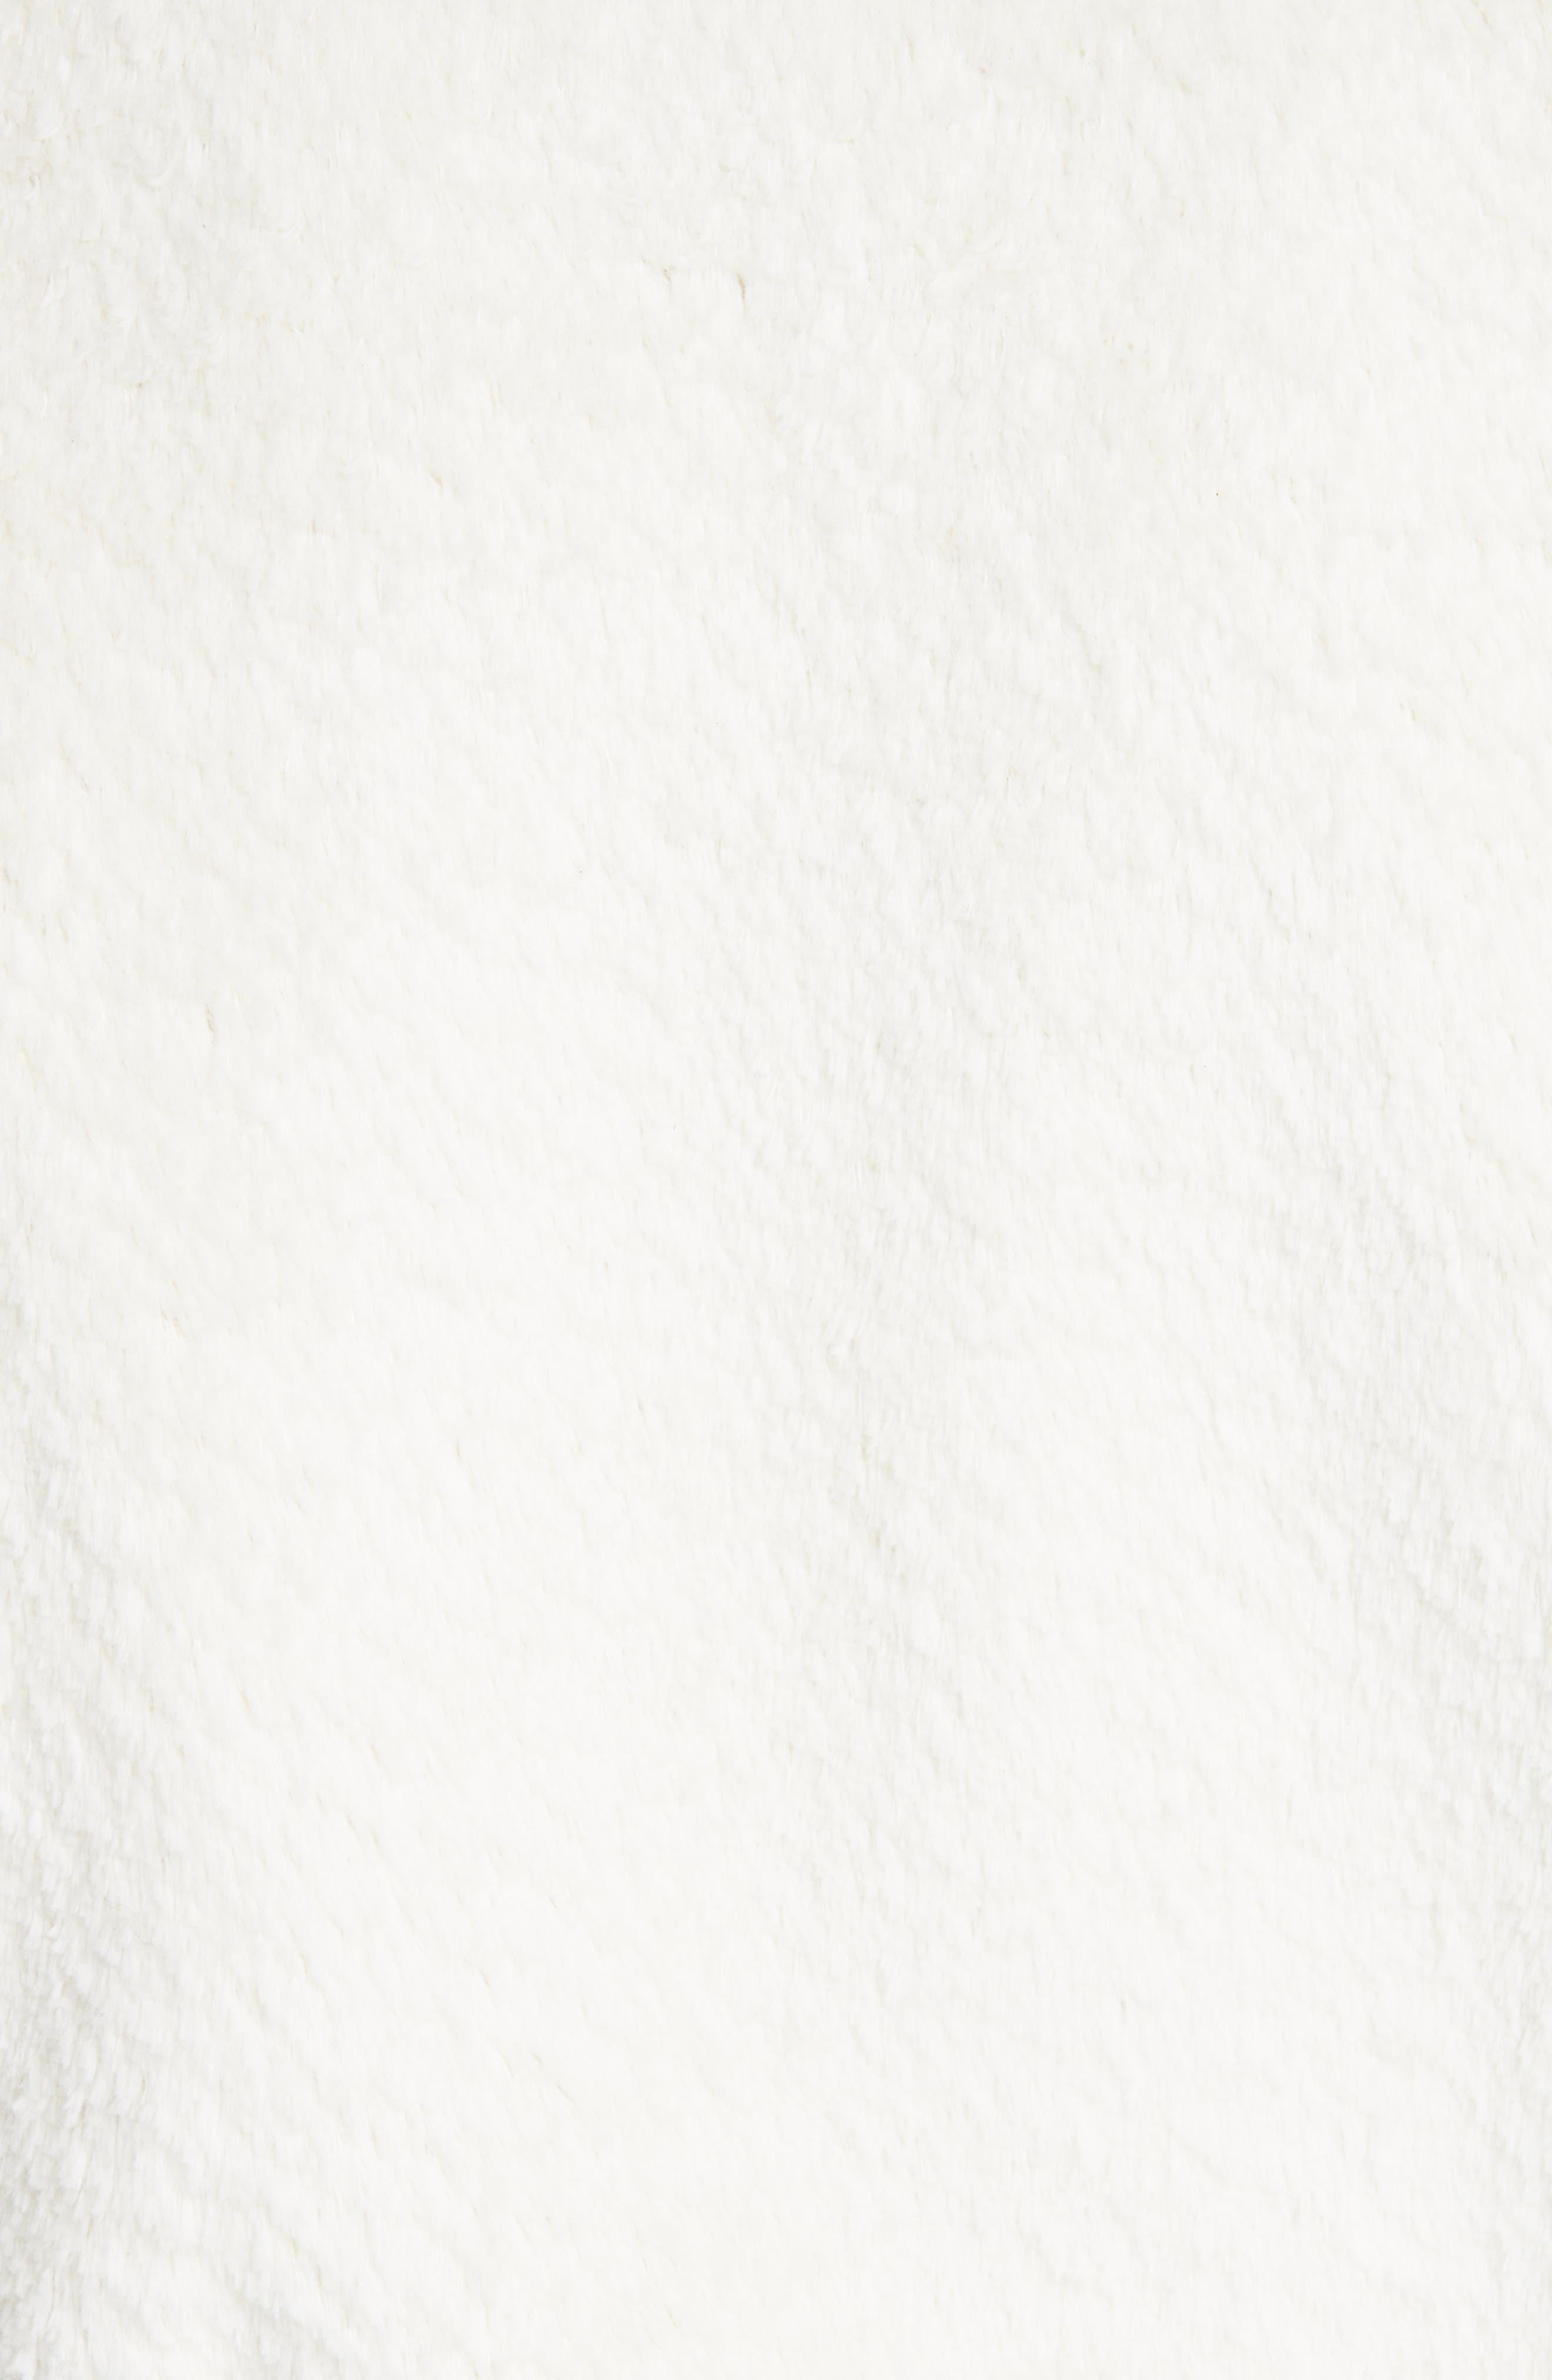 SAINT LAURENT,                             Teddy Faux Fur Bomber Jacket,                             Alternate thumbnail 6, color,                             WHITE